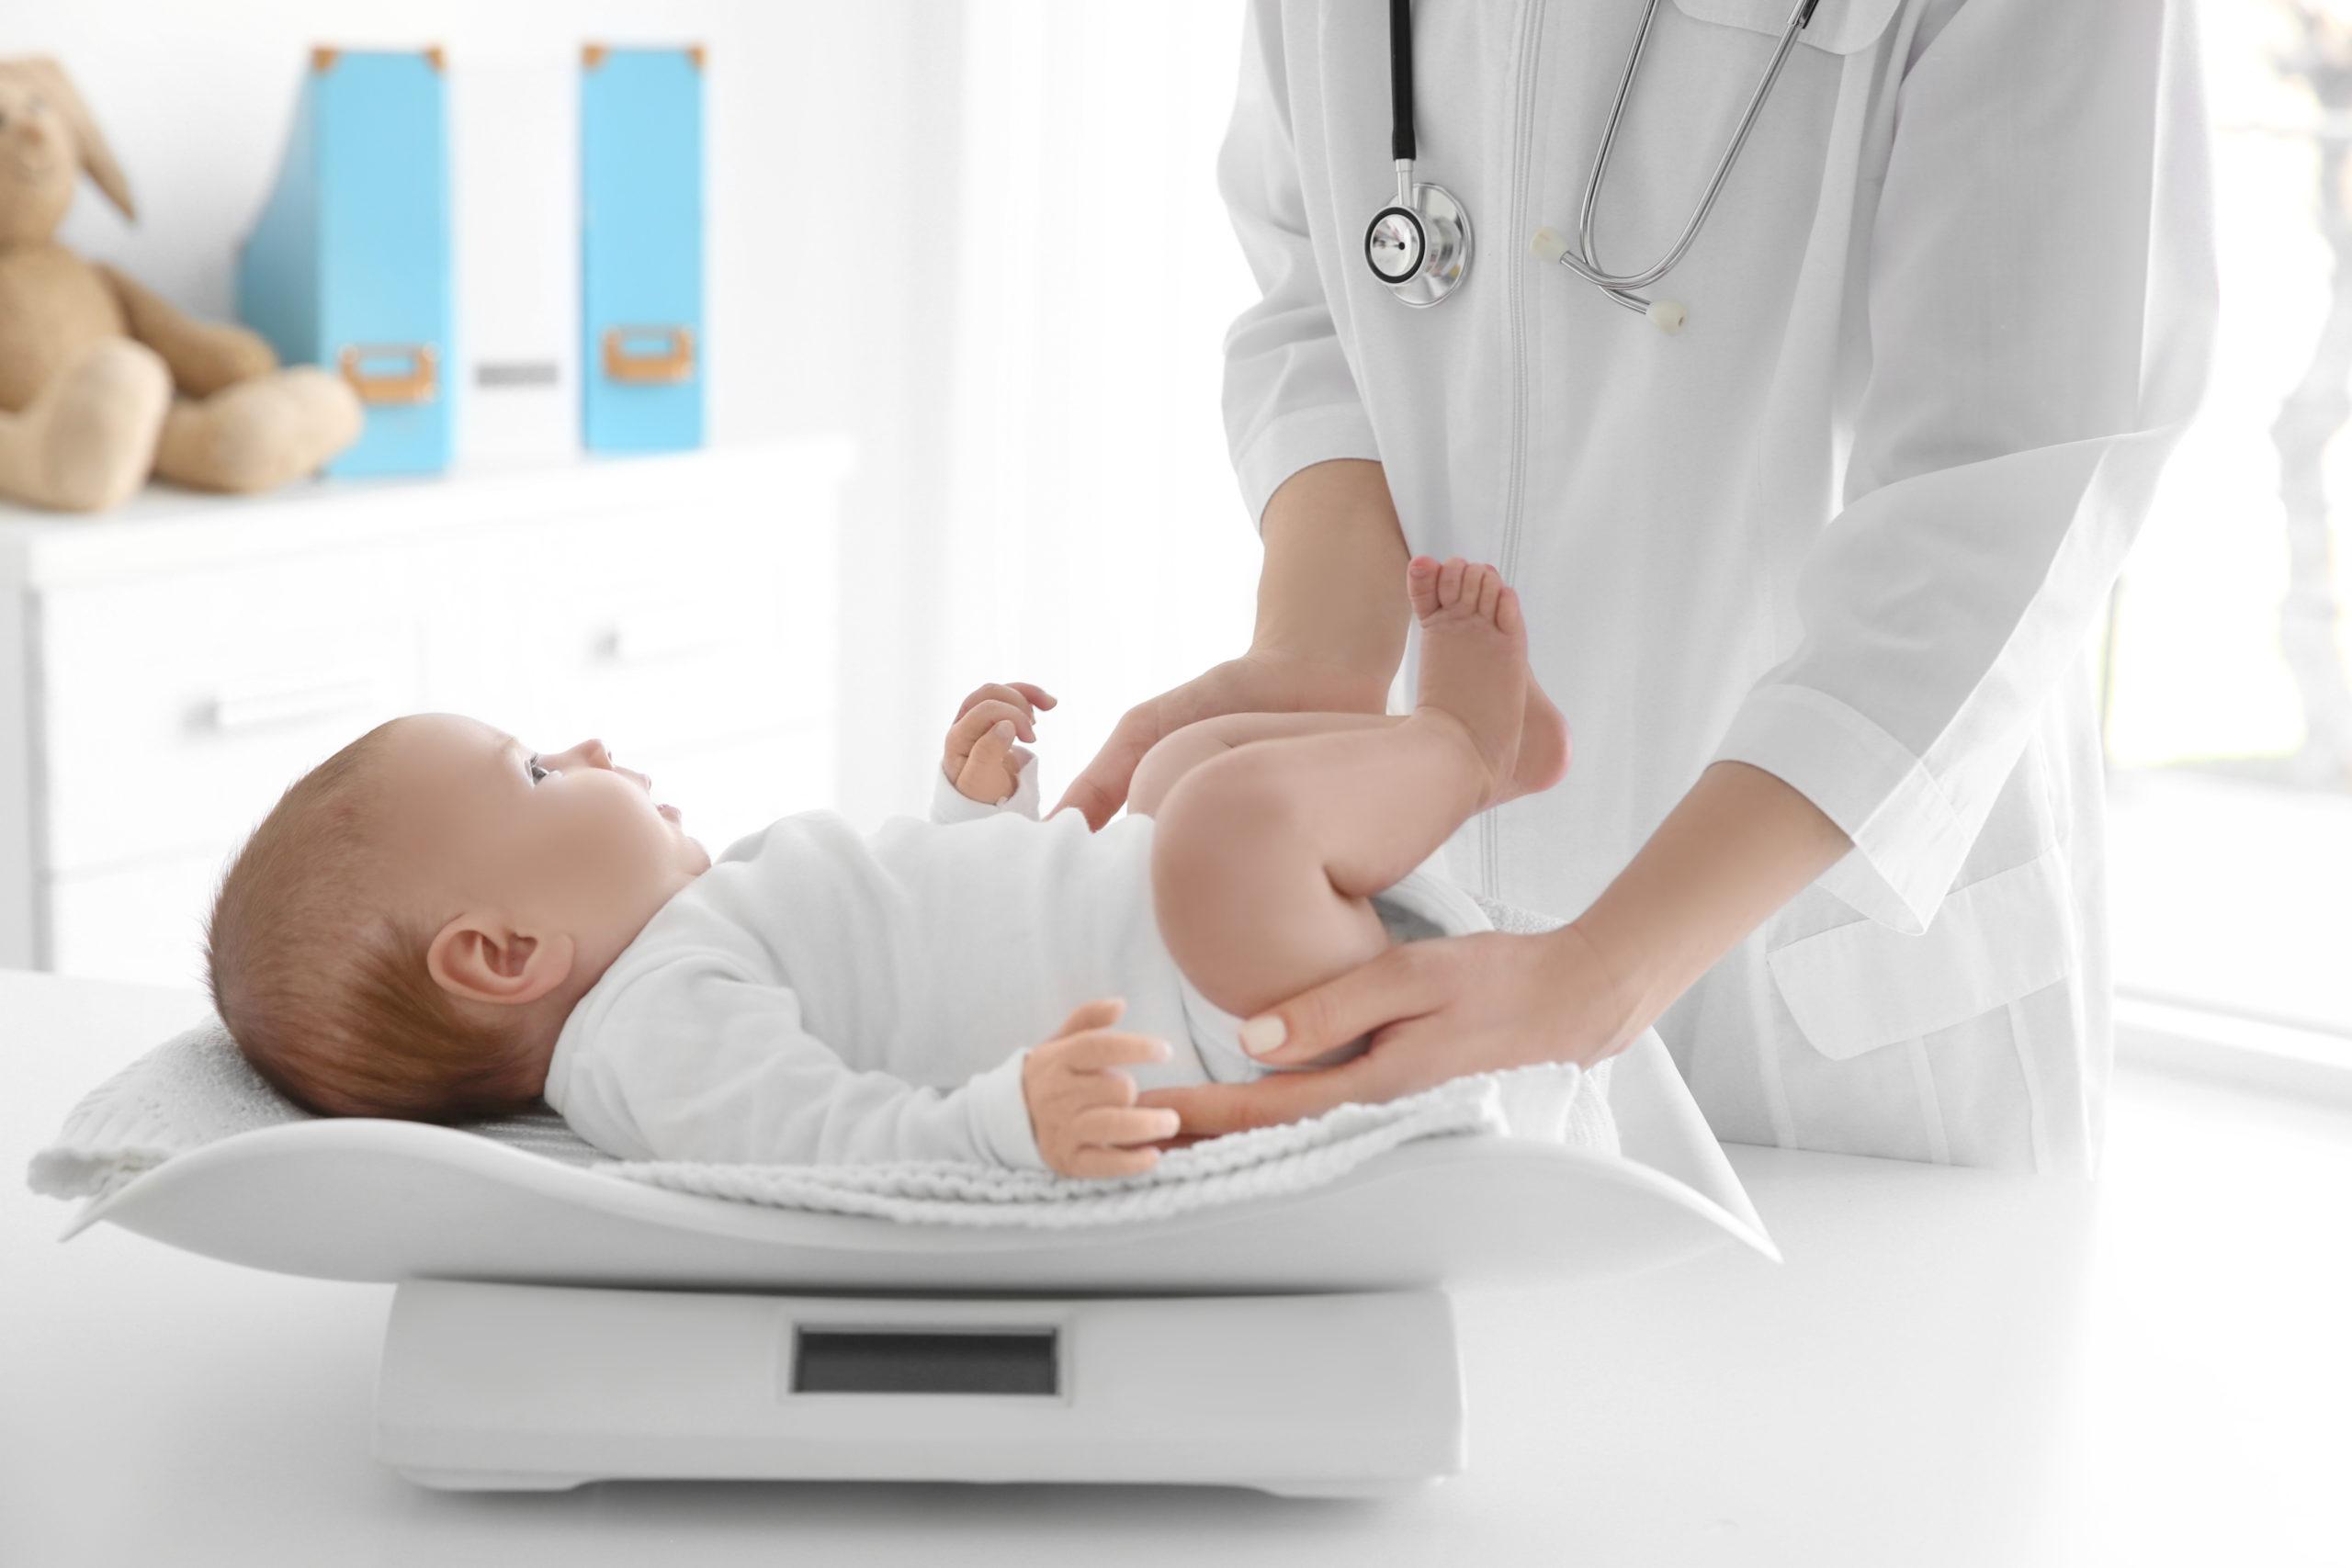 Bébé perd du poids à la naissance : à quoi est-ce lié ?